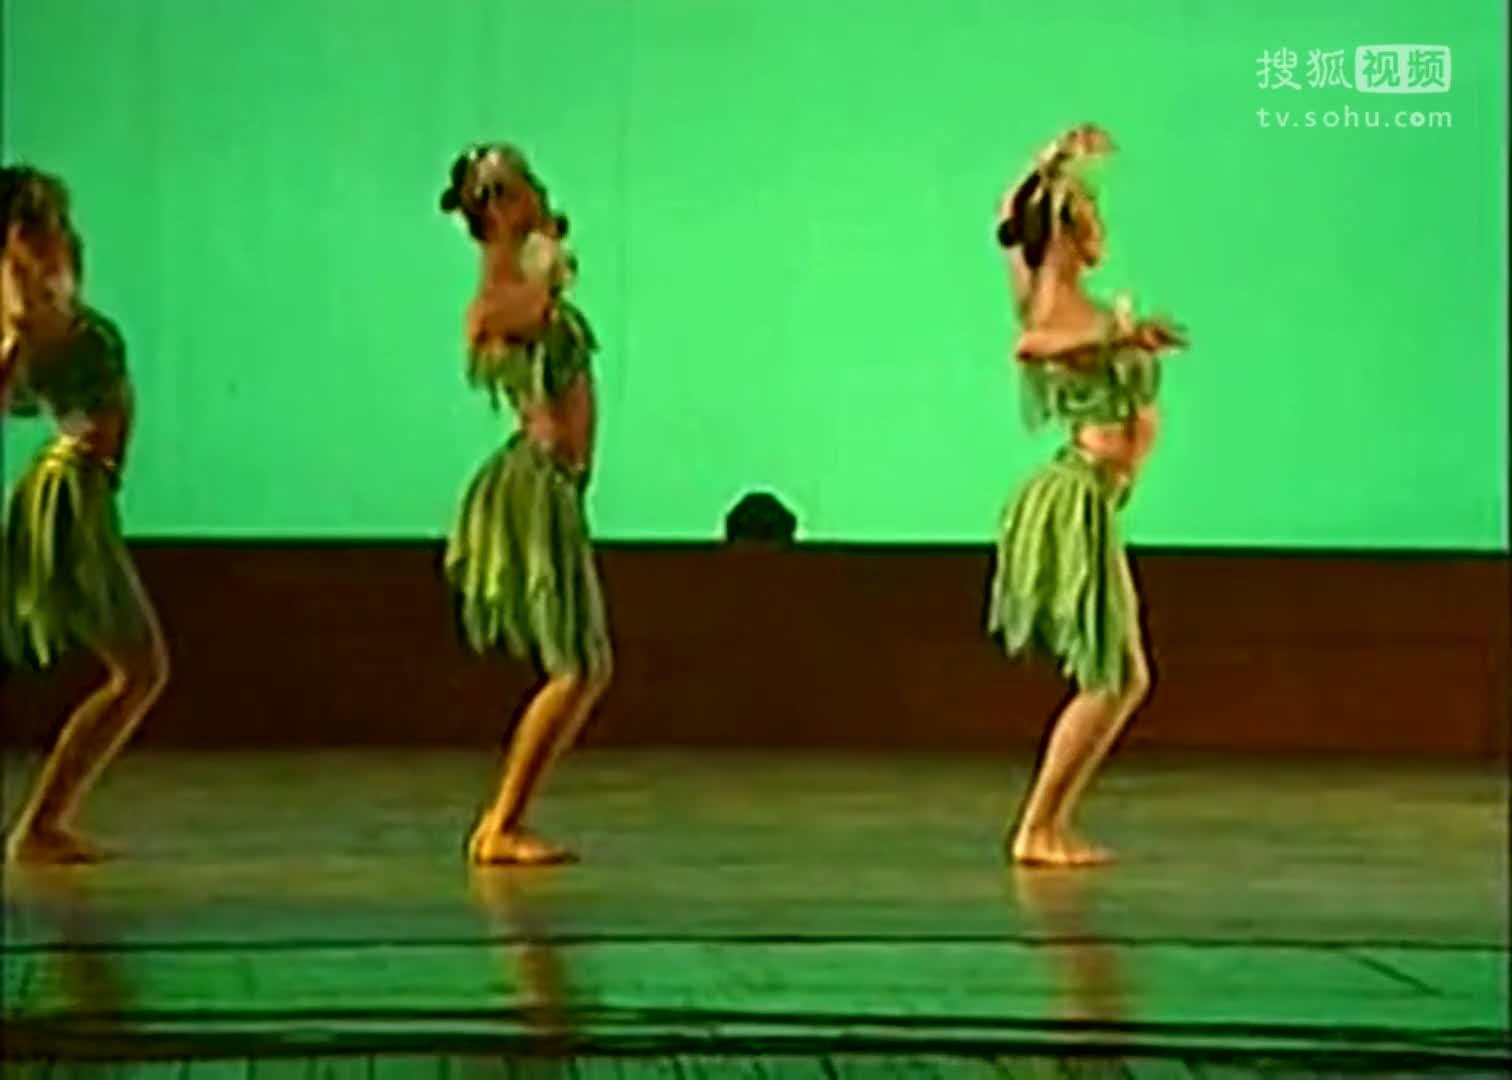 民族舞蹈 简单易学民族舞 女子群舞春晓